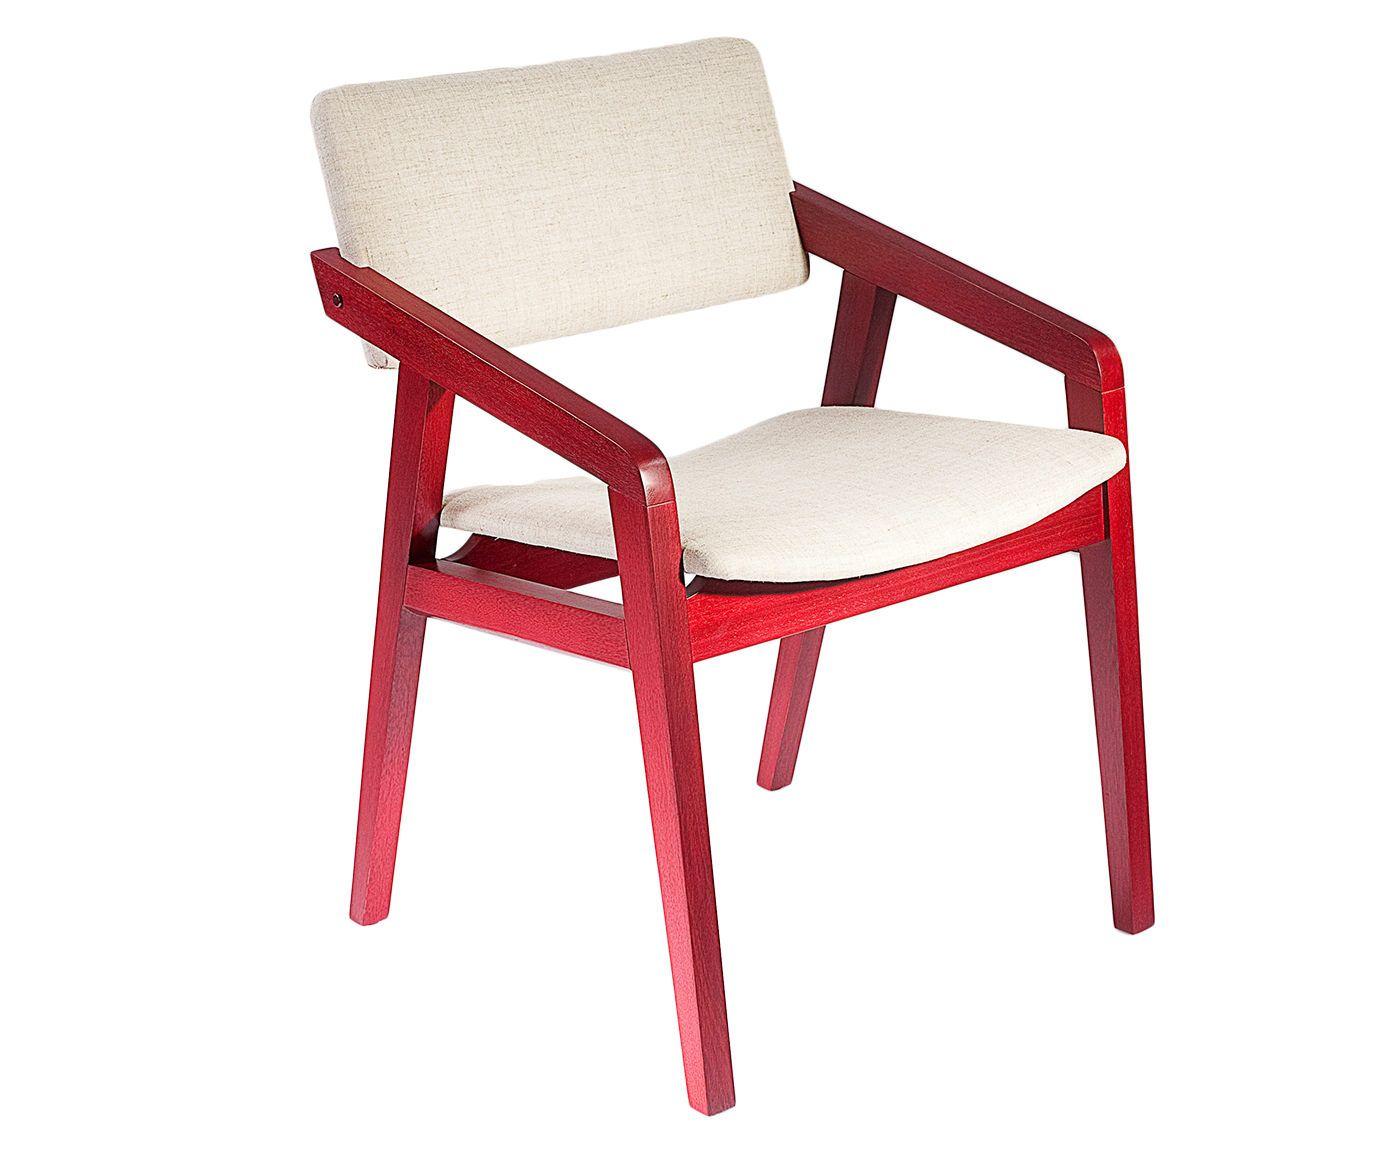 Cadeira alpes | Westwing.com.br